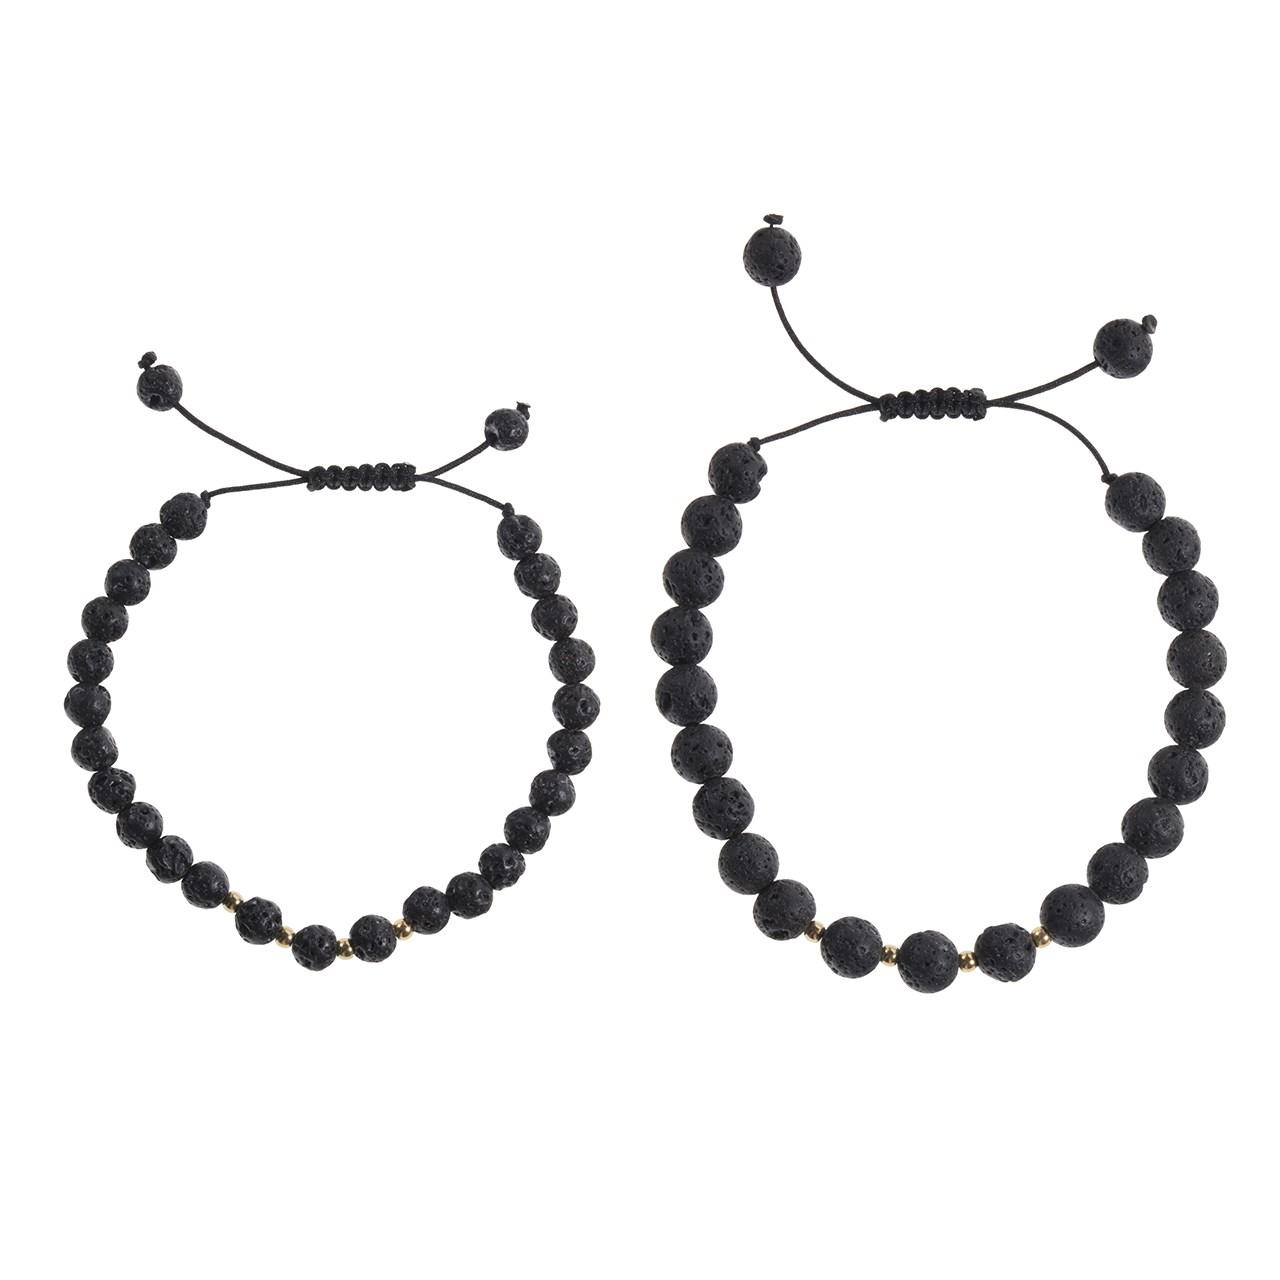 ست دستبند زنانه و مردانه طلا 18 عیار رزا مدل BS156